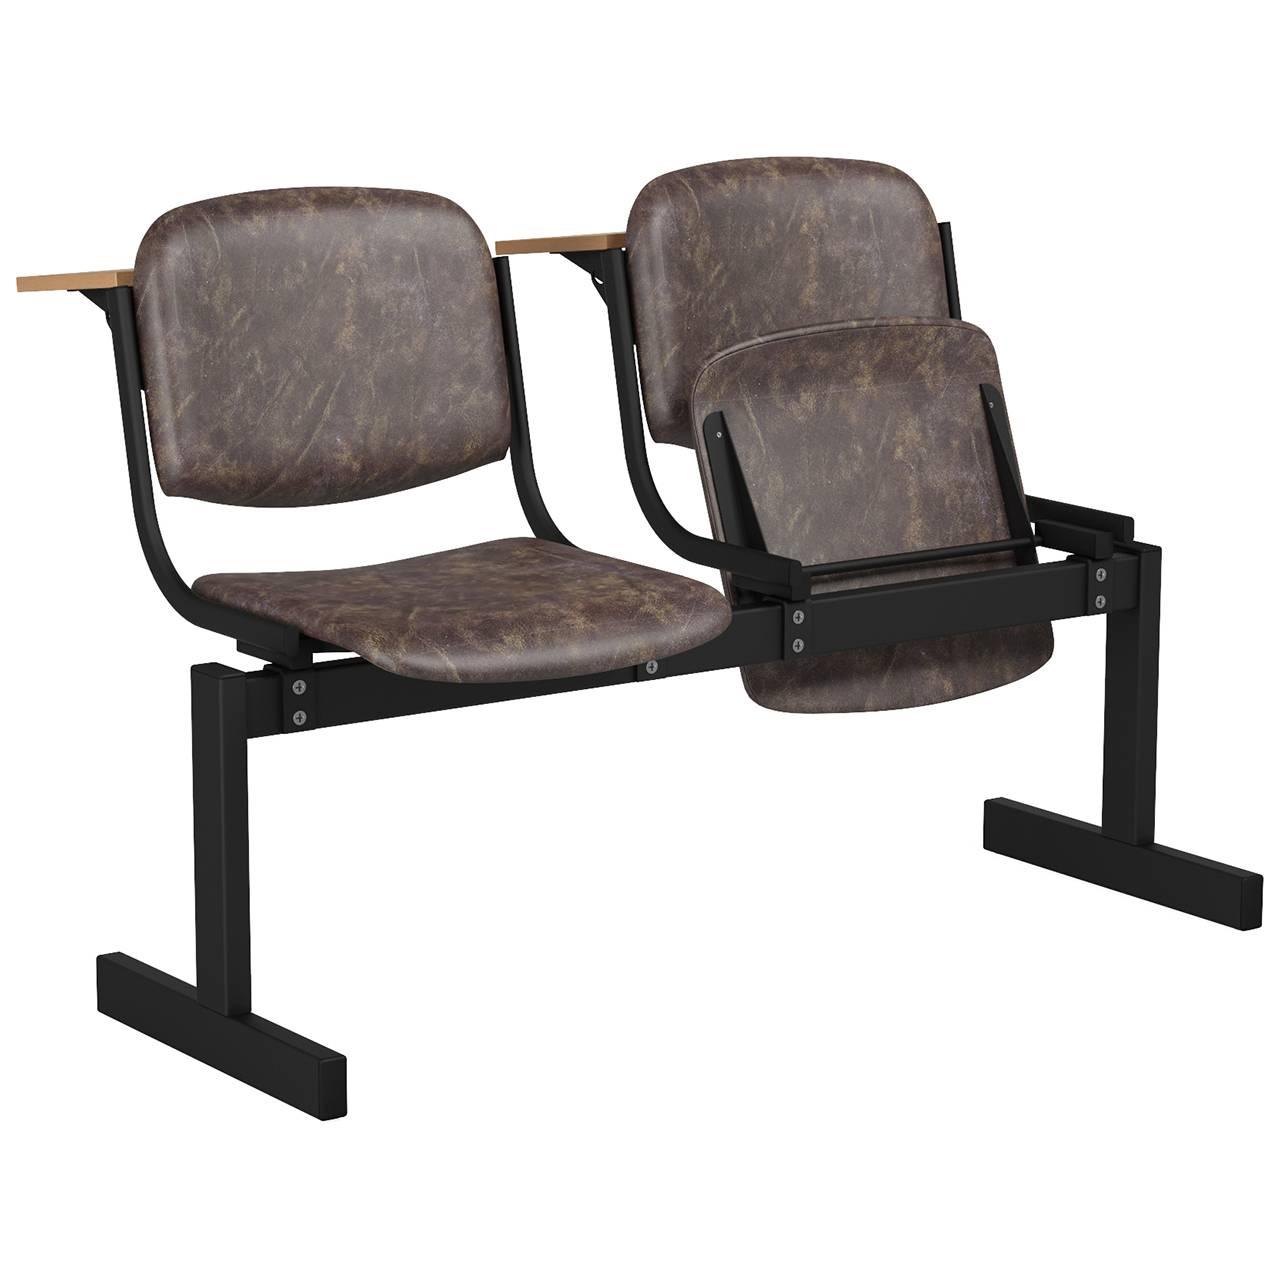 2-местный, откидывающиеся сиденья, мягкий, лекционный черный коричневый Кожзаменитель